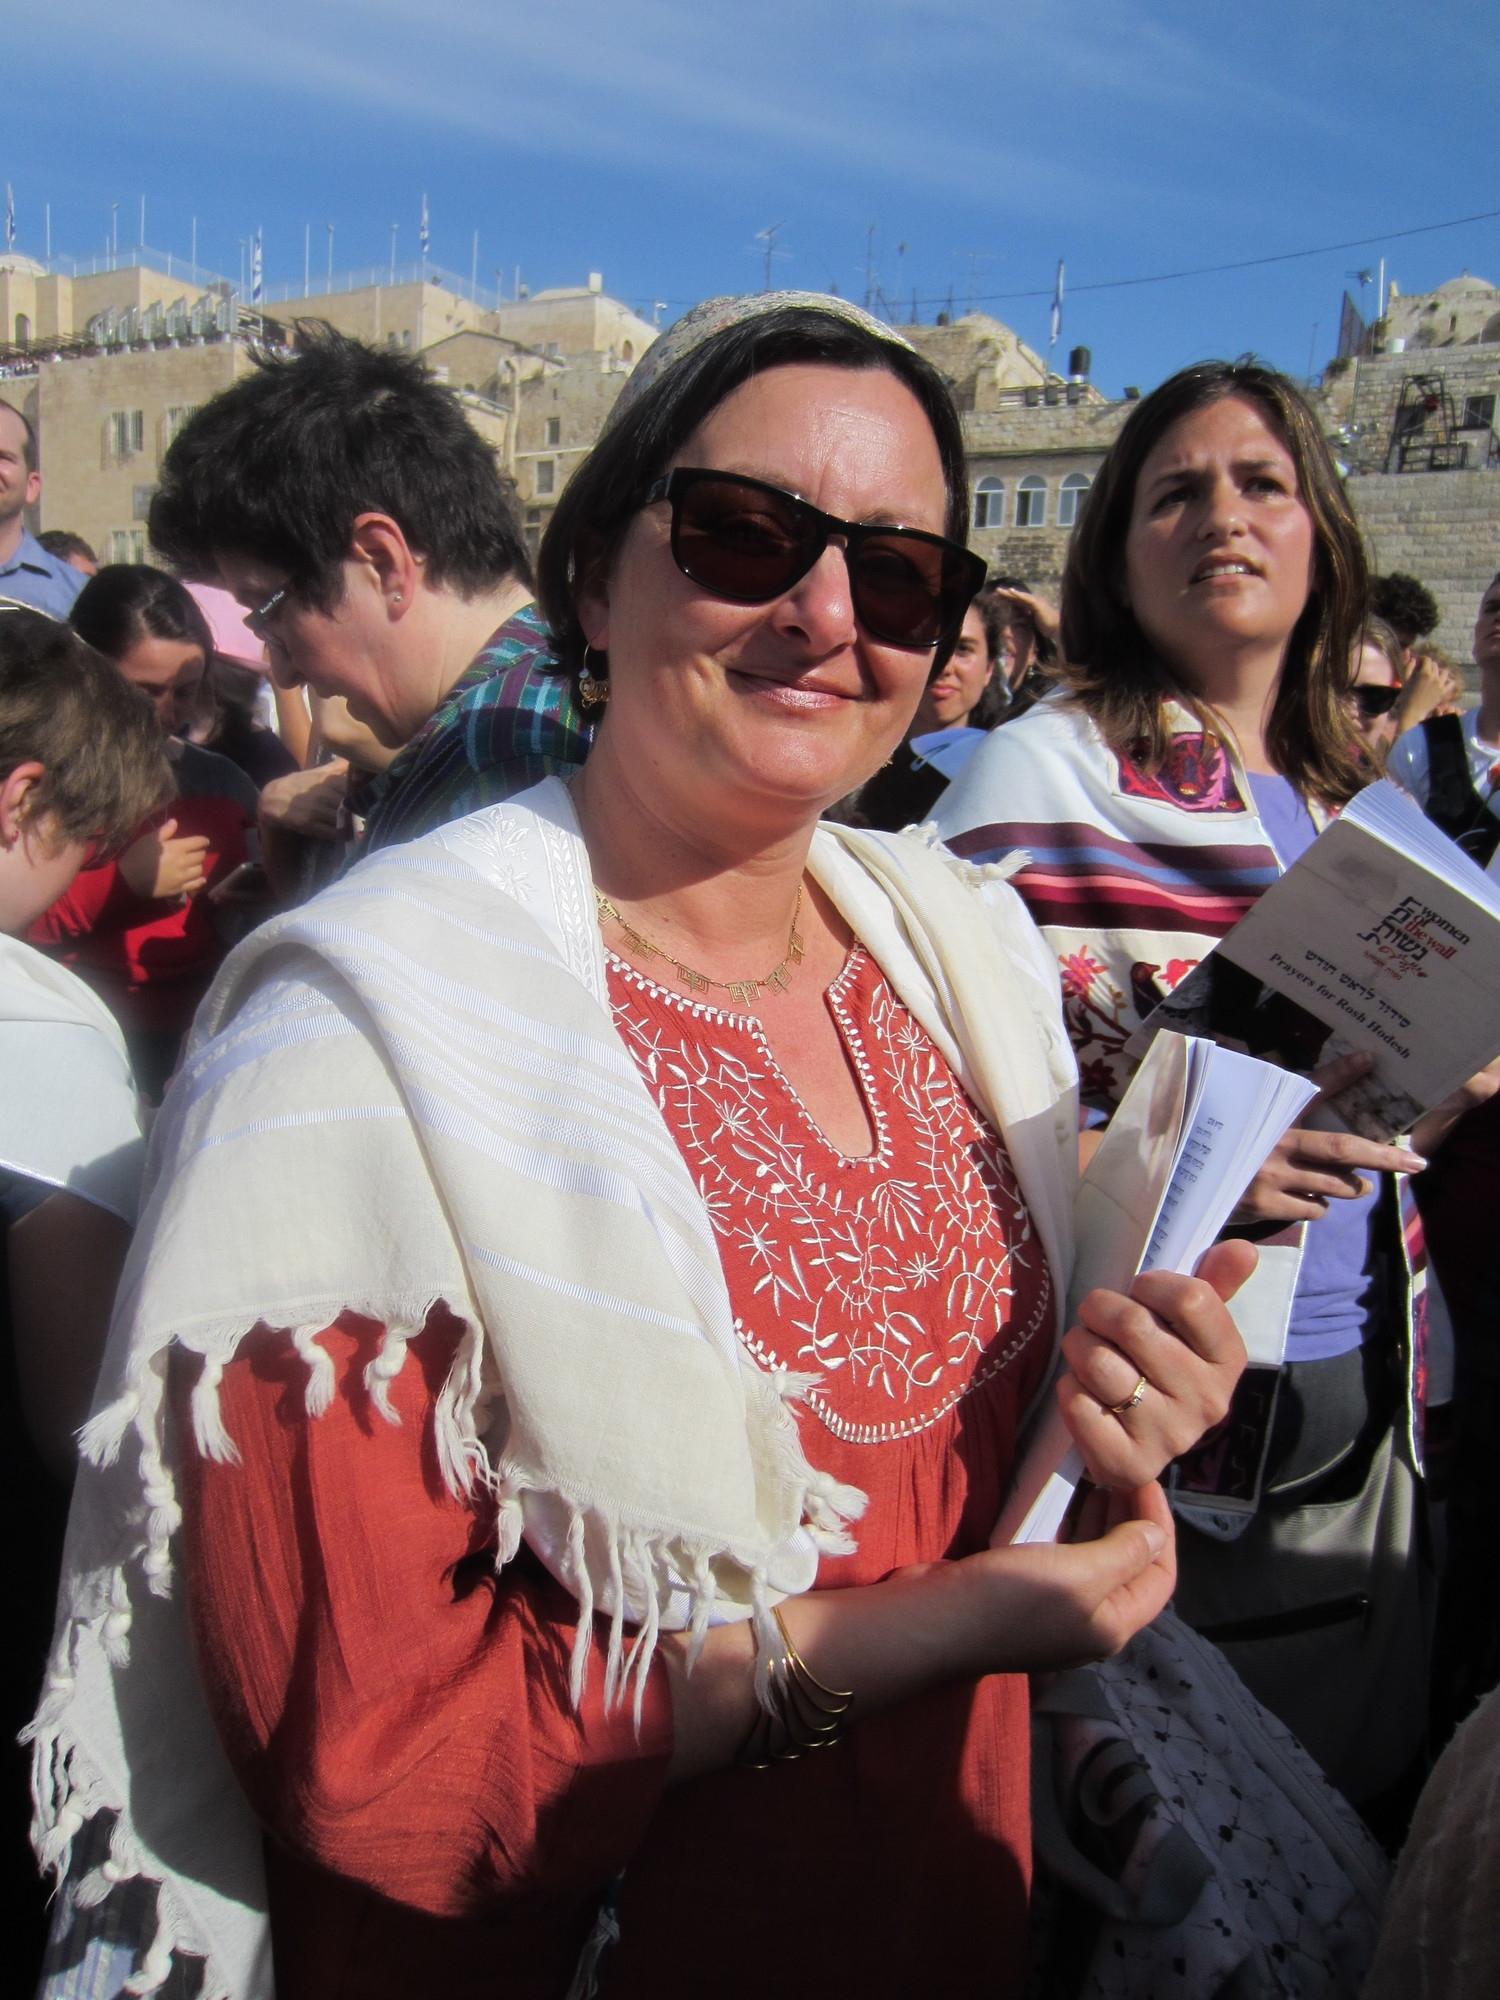 Dirigeant la priere de Roch Hodech avec les Femmes du Kotel